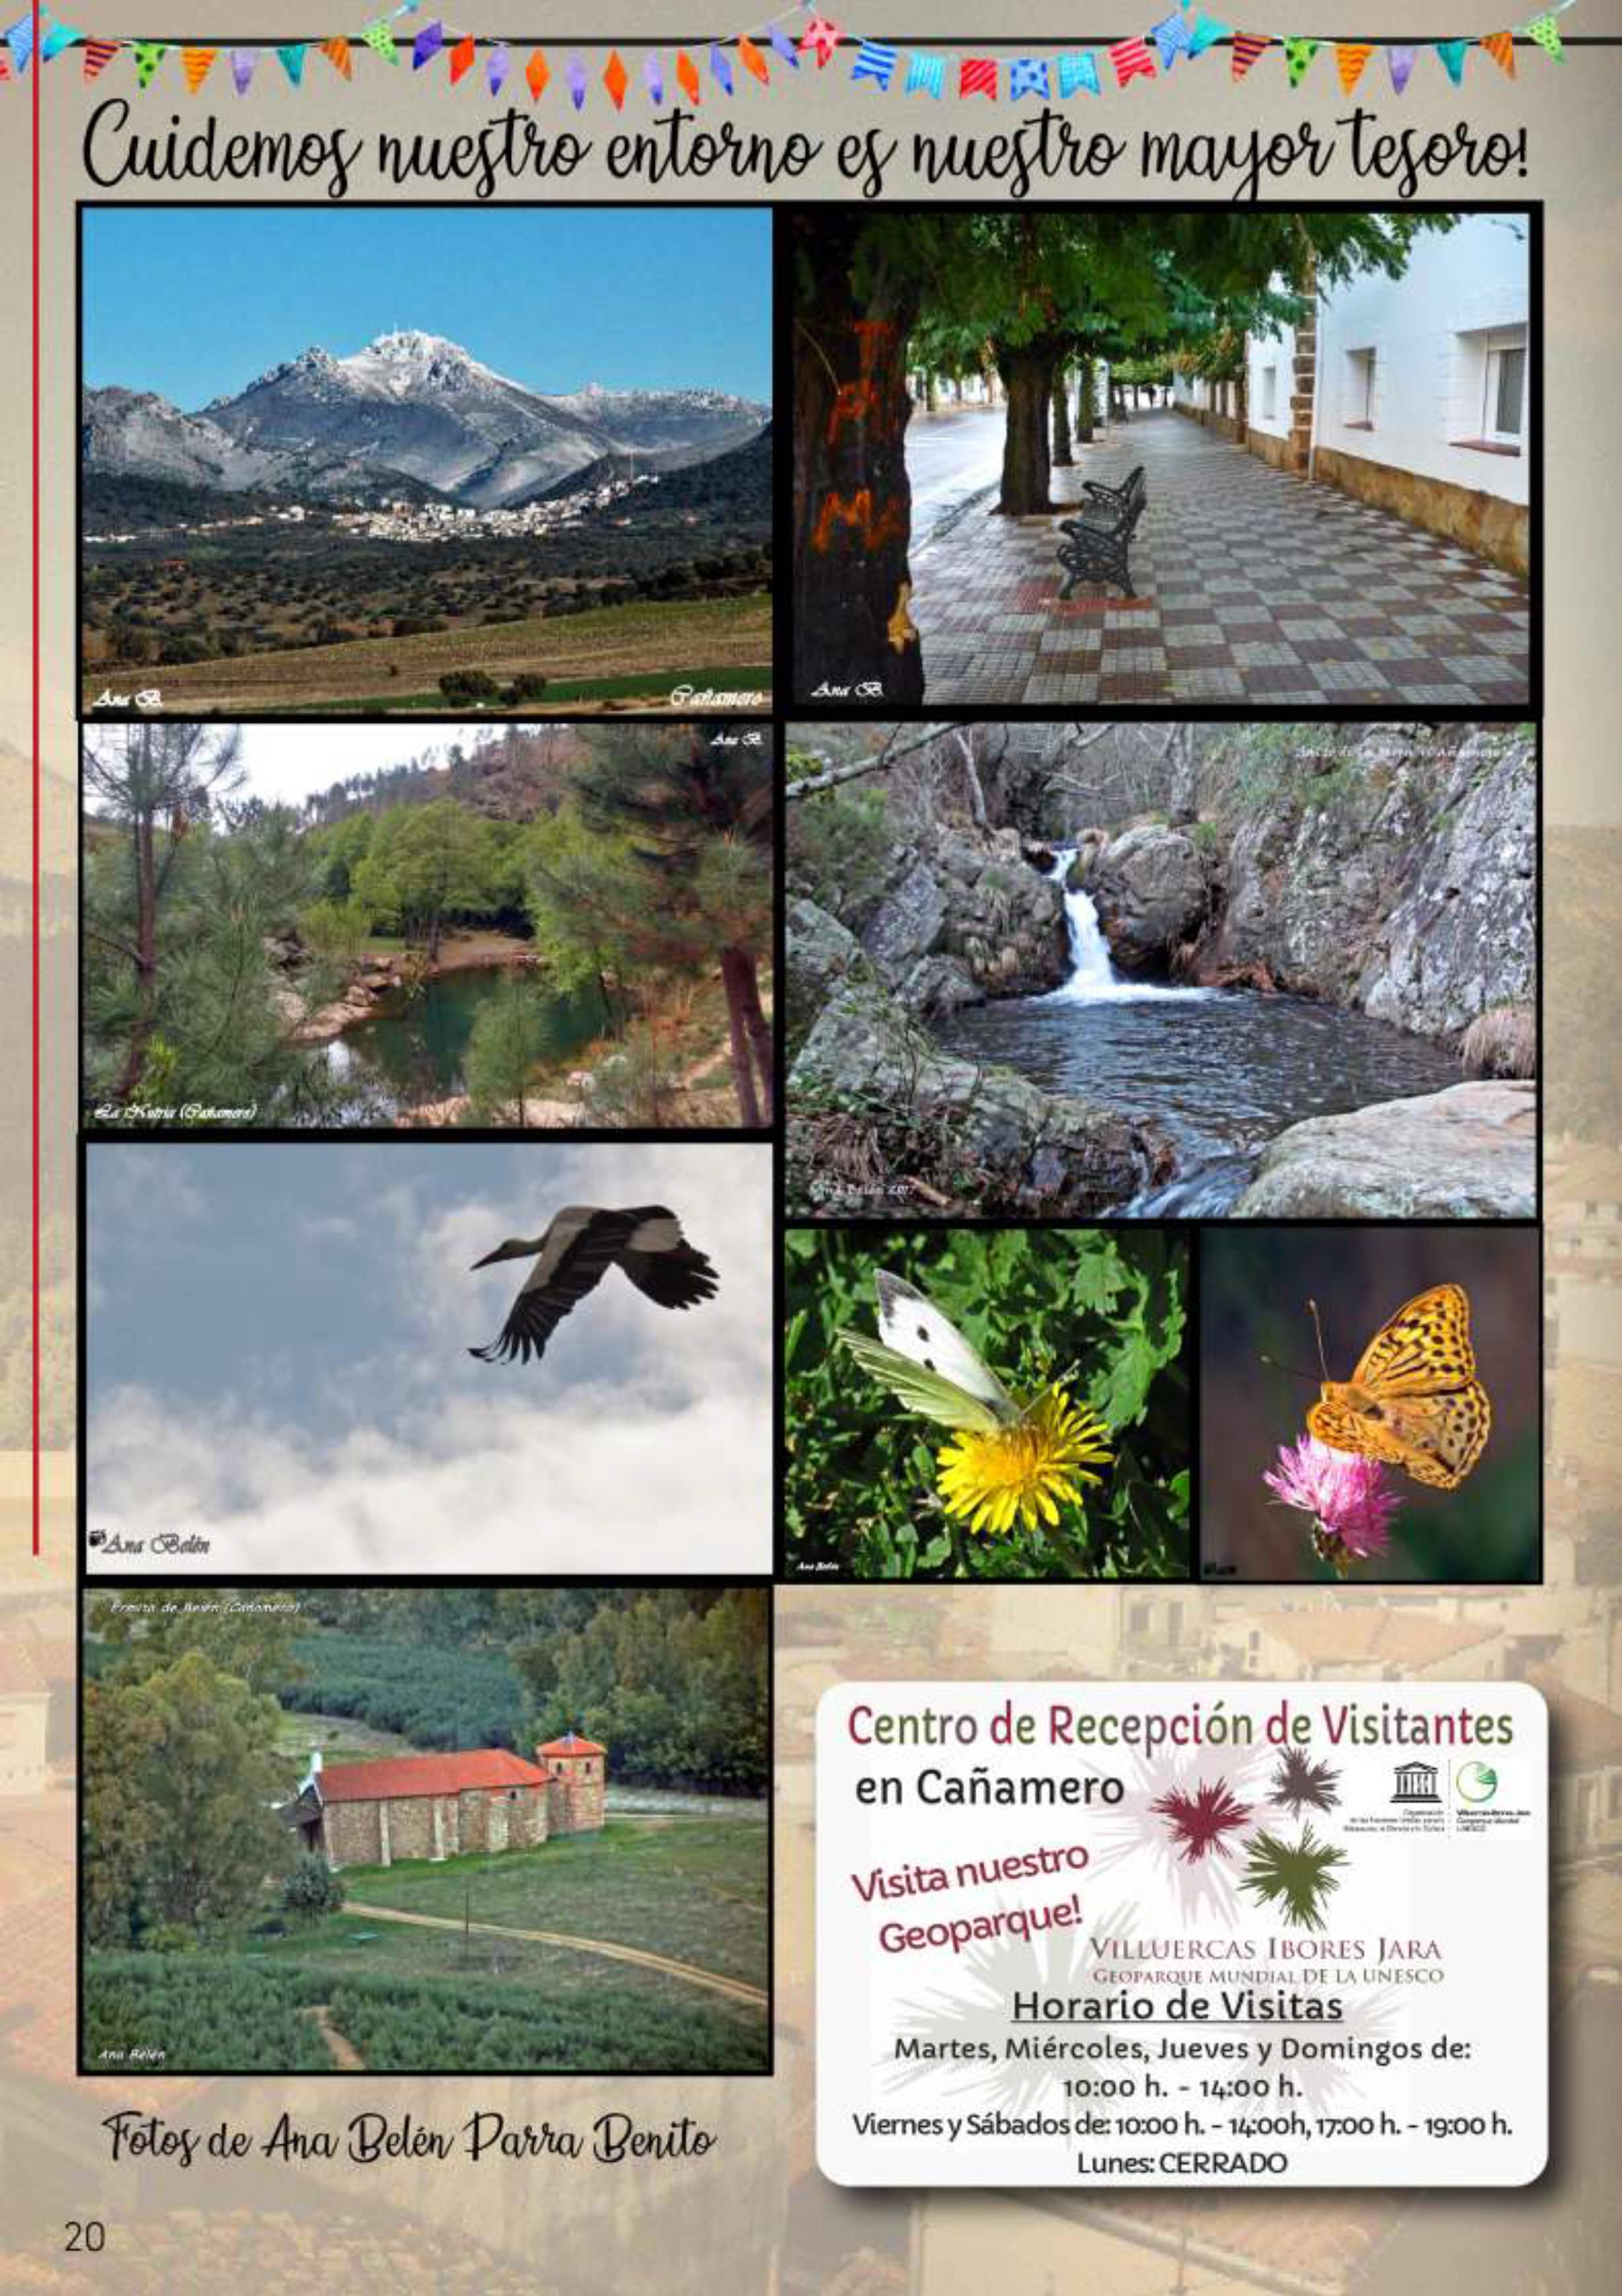 Programa de fiestas patronales 2019 - Cañamero (Cáceres) 13